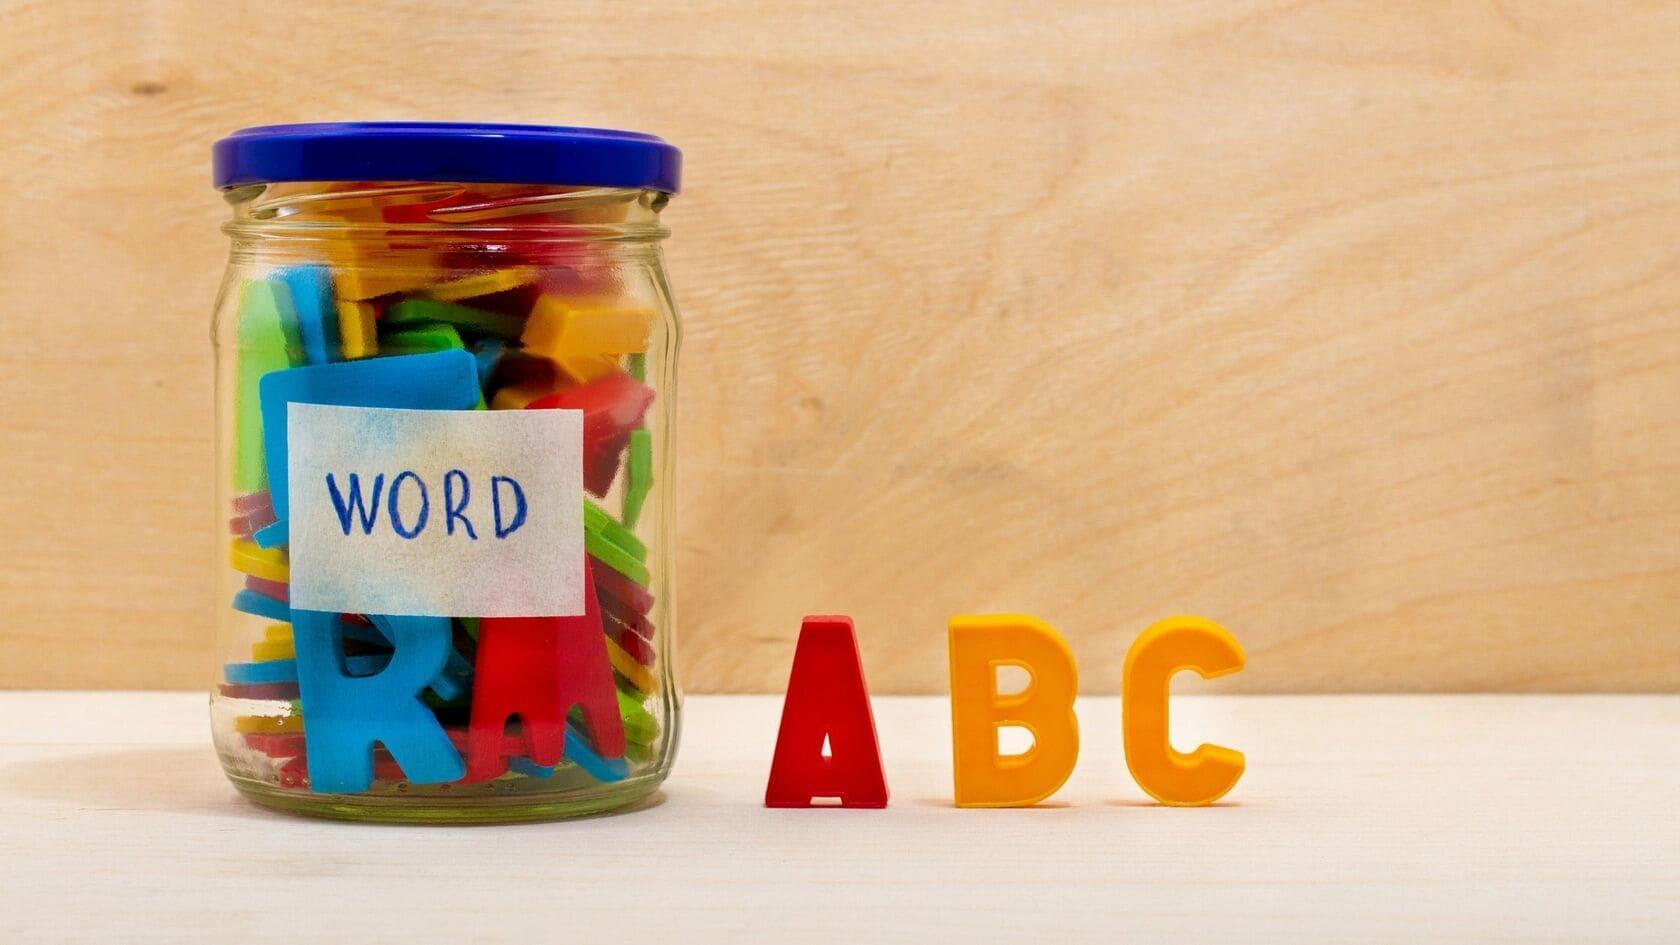 scegliere un nome per il blog con le parole